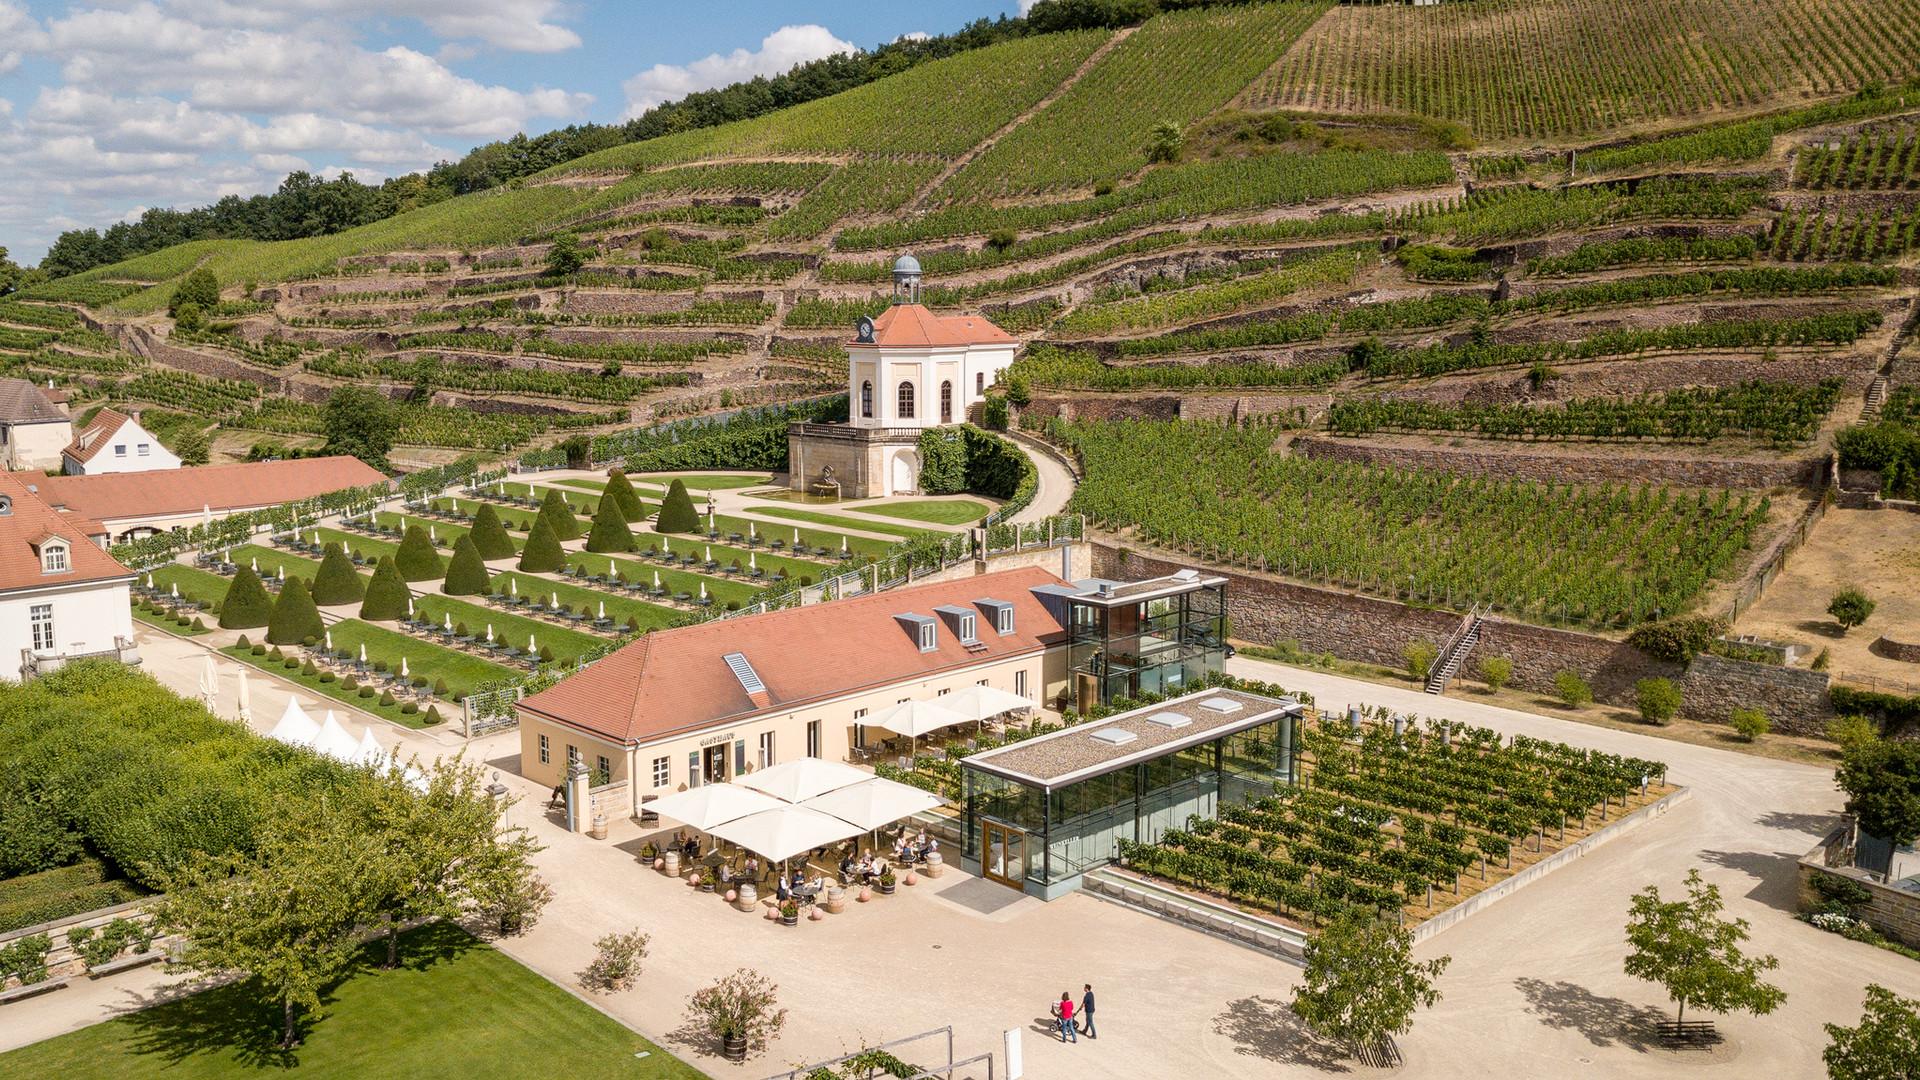 Client: Schloss Wackerbarth